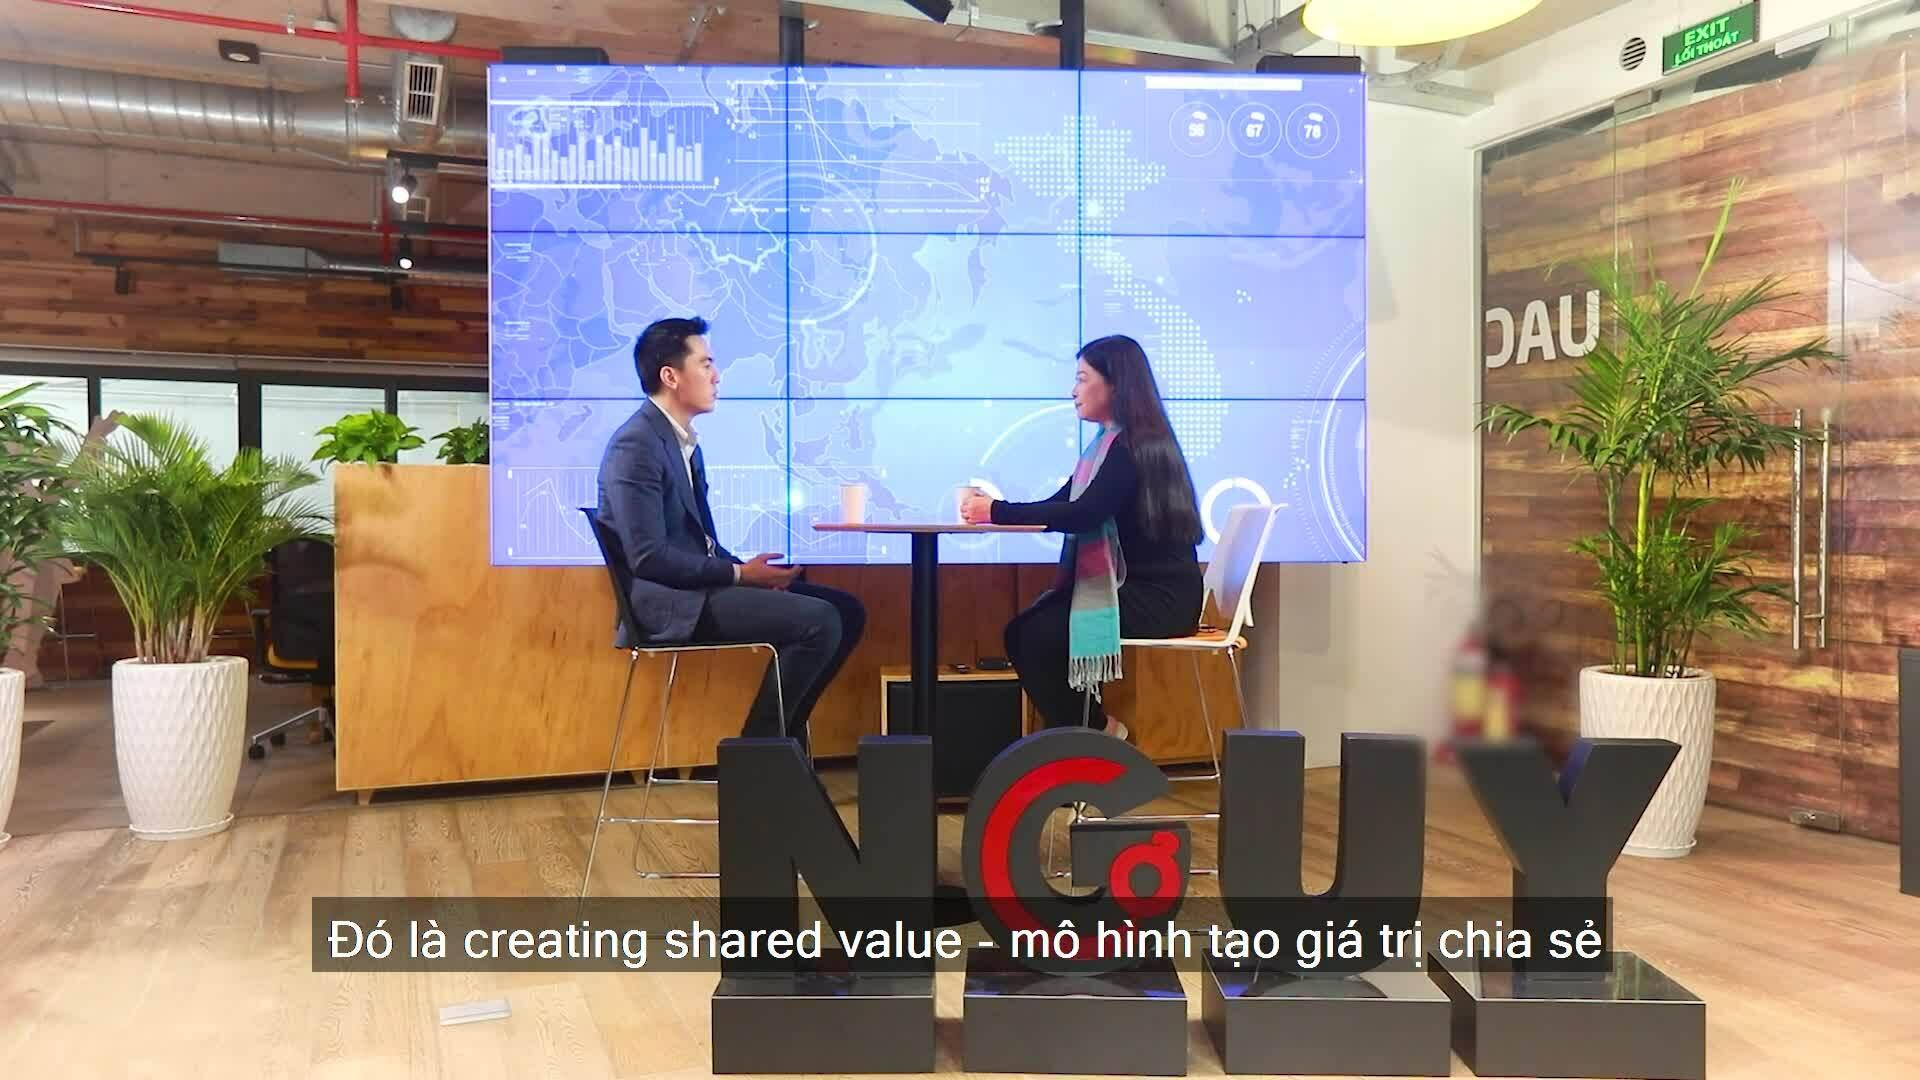 Vì sao Gojek trở thành biểu tượng khởi nghiệp tại Indonesia